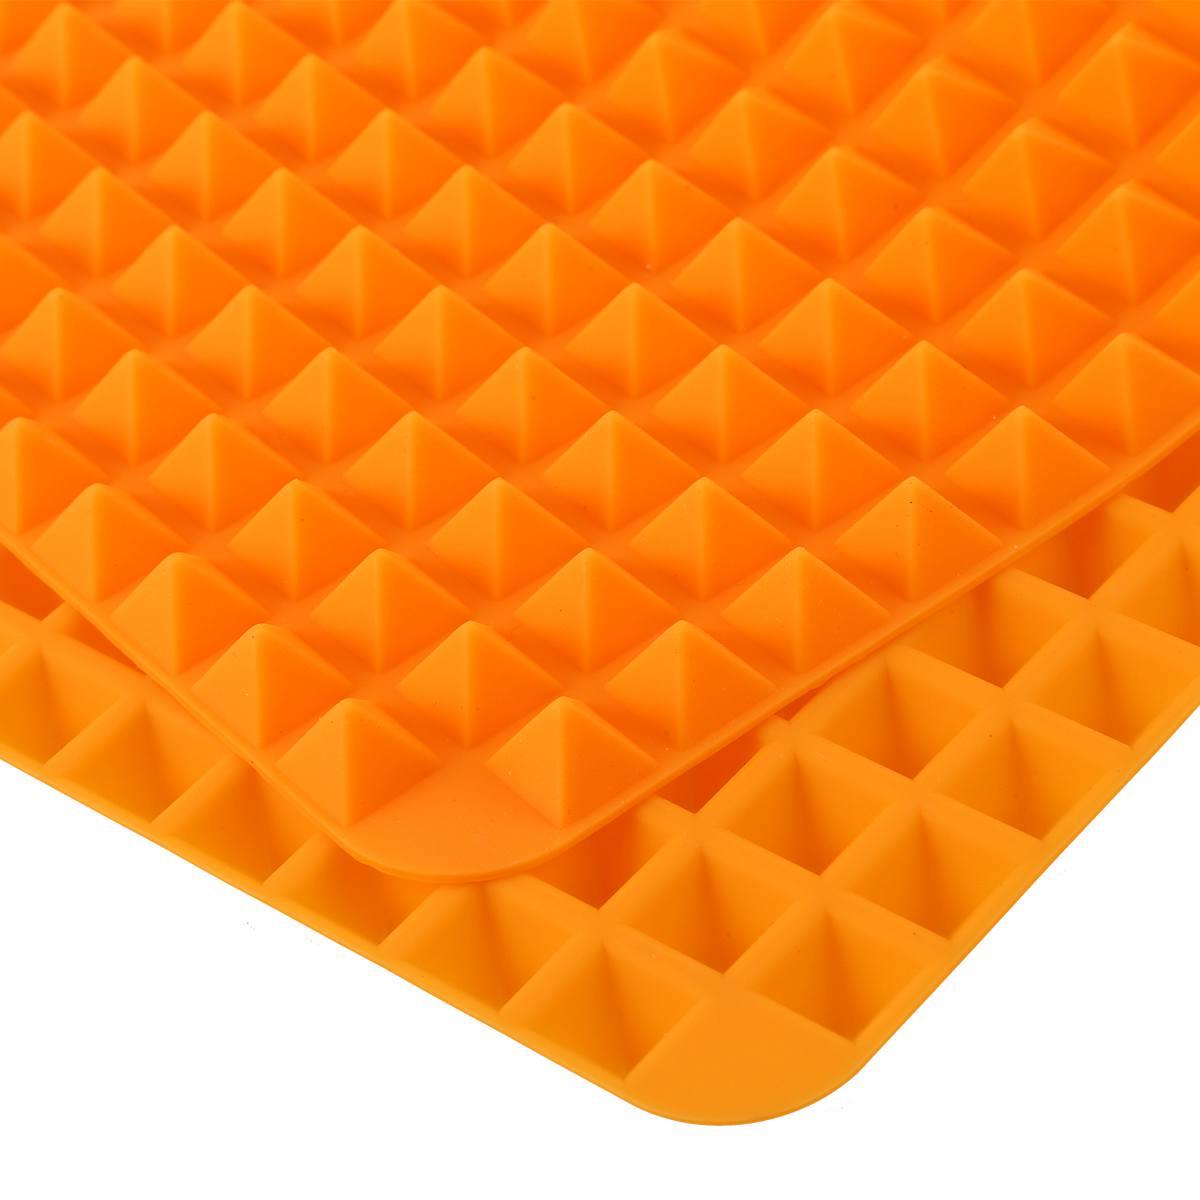 Silikon-Antihaft-gesunde-Kochen-Backmatte-mit-Pyramide-Oberflaeche-16-Zoll-F5L9 Indexbild 6